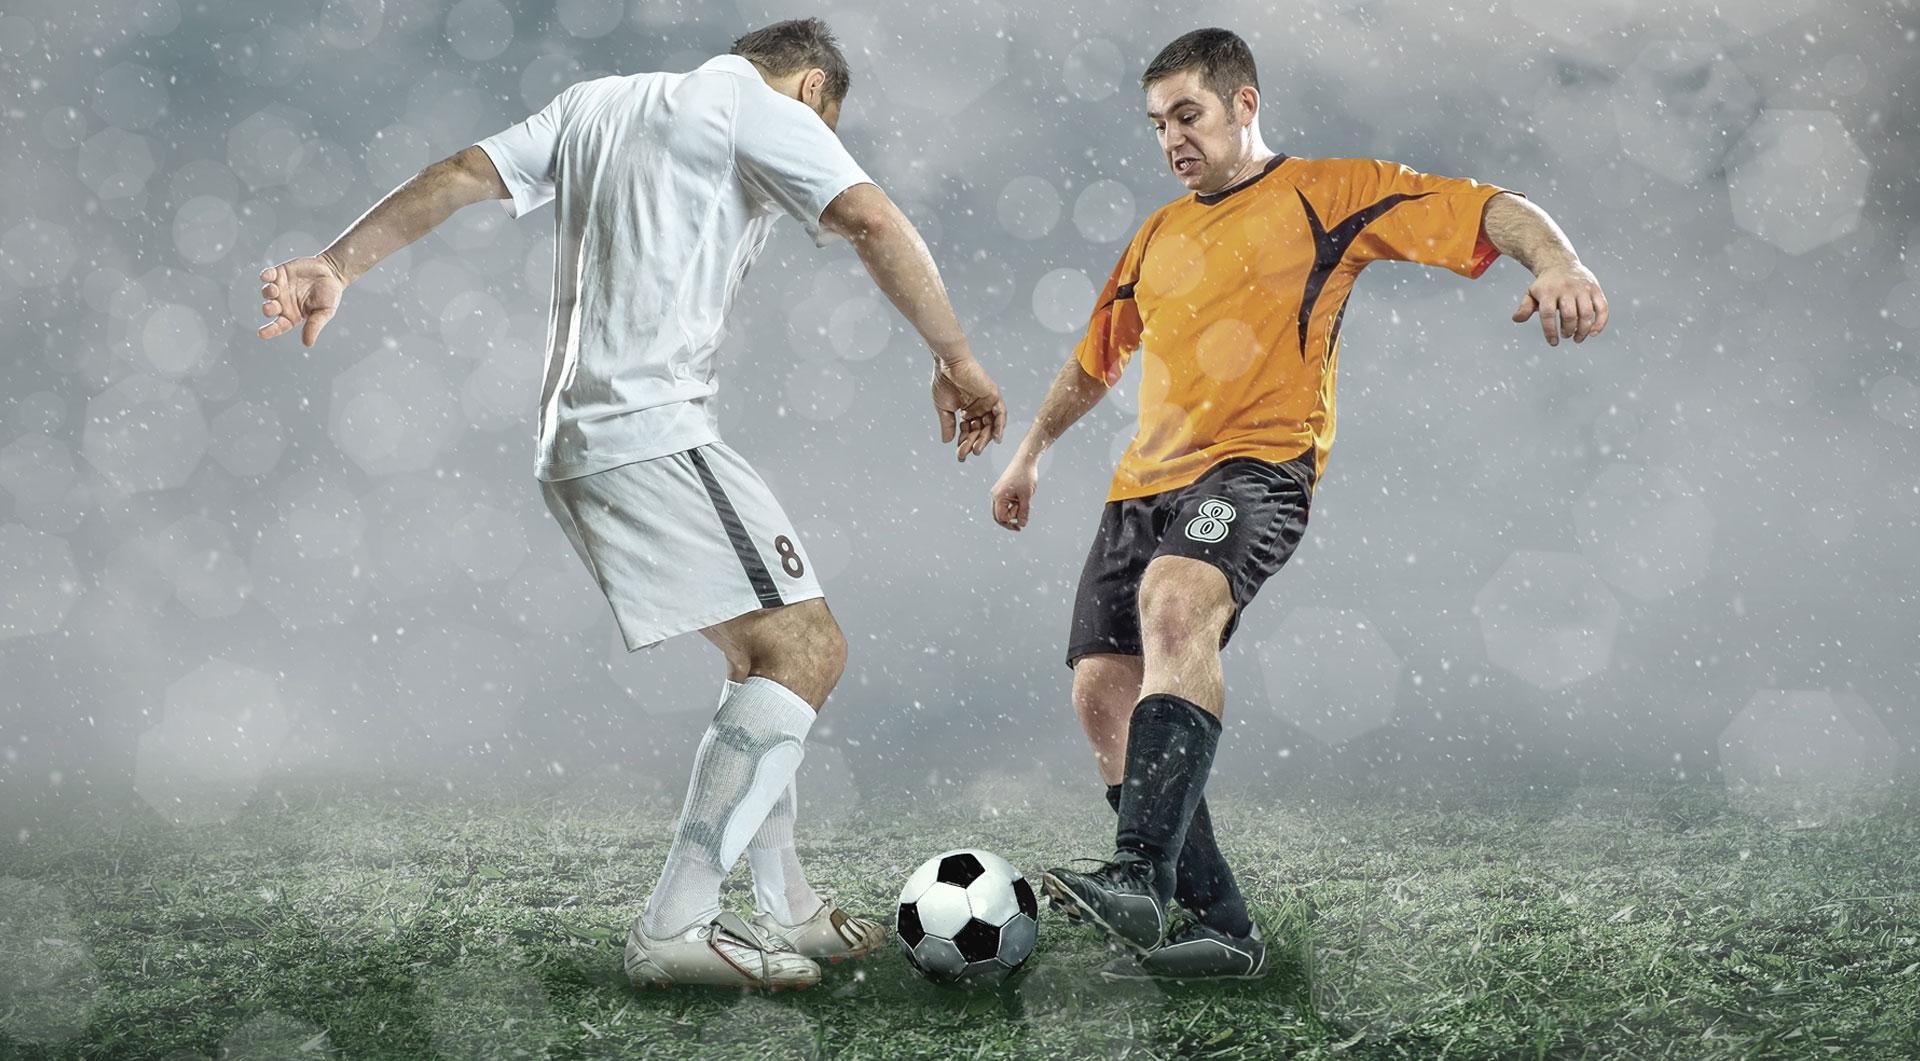 watch-bosnia-and-herzegovina-vs-netherlands-round-2-live